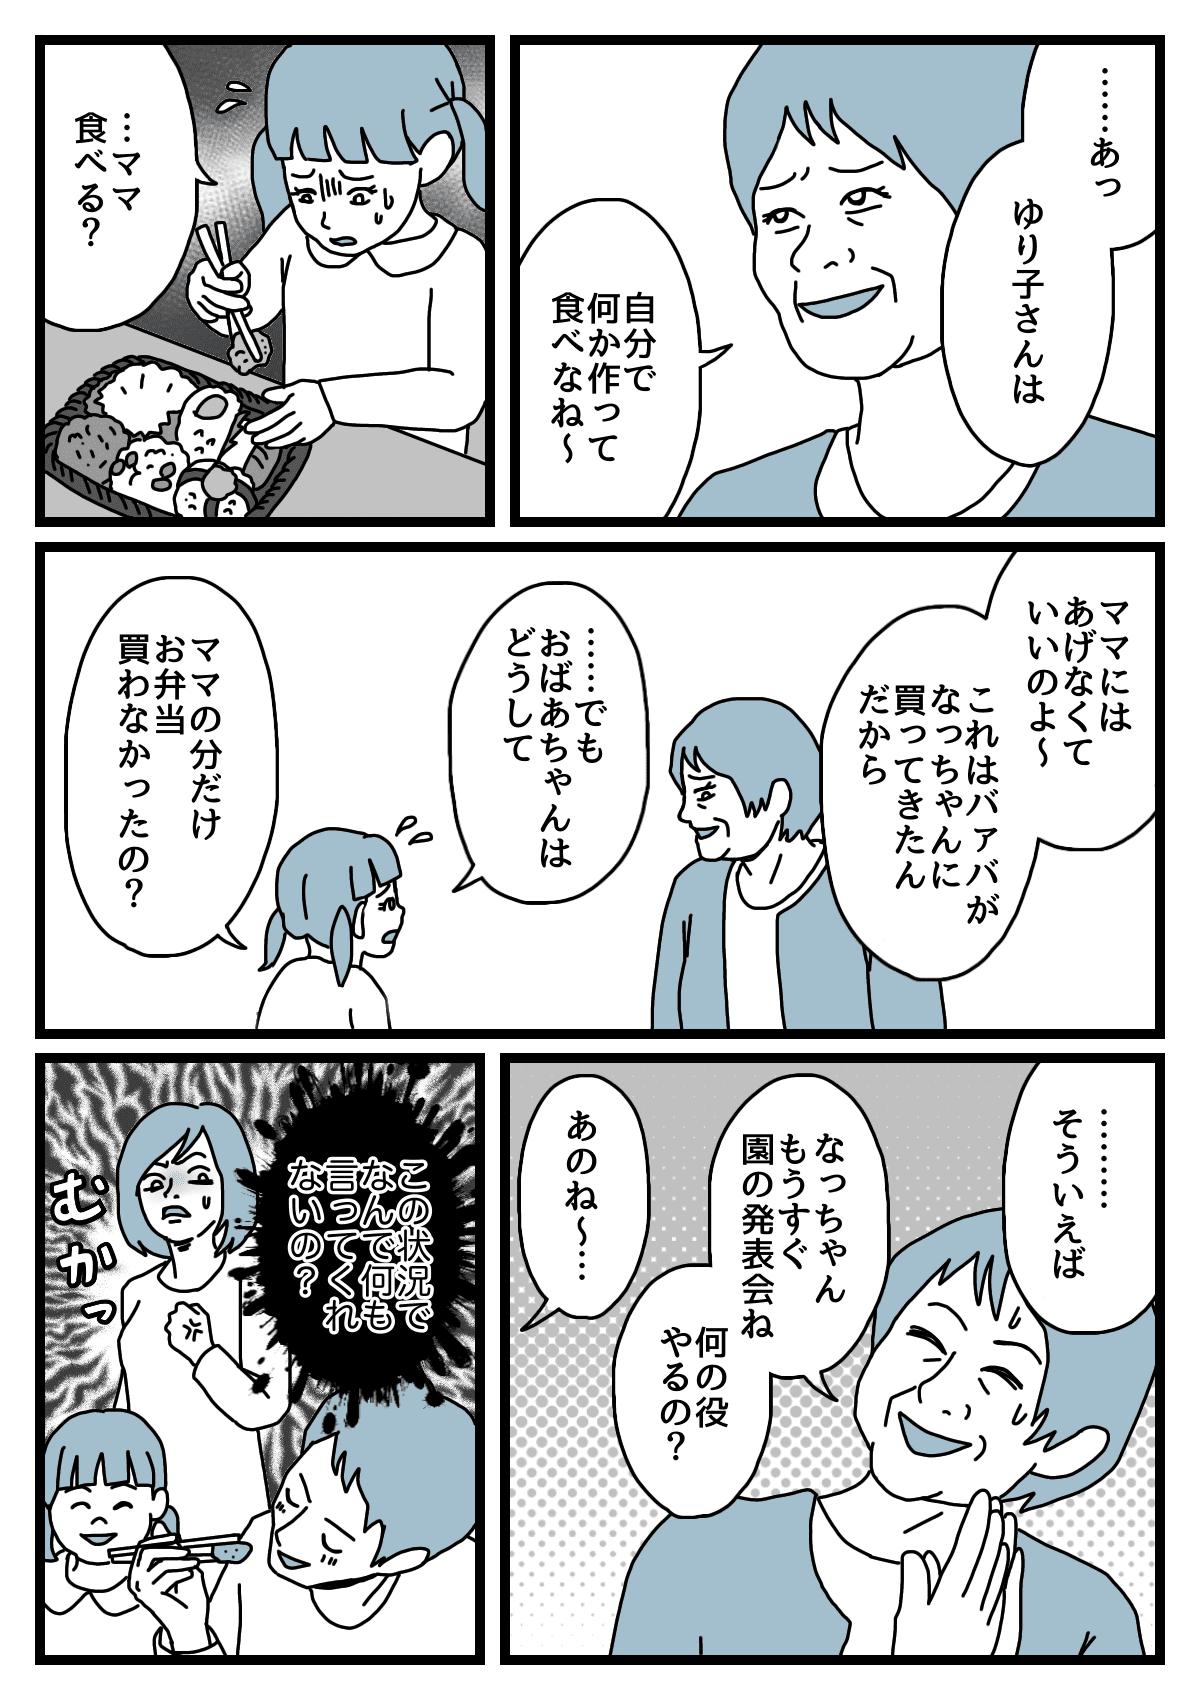 【前編】嫌がらせ3